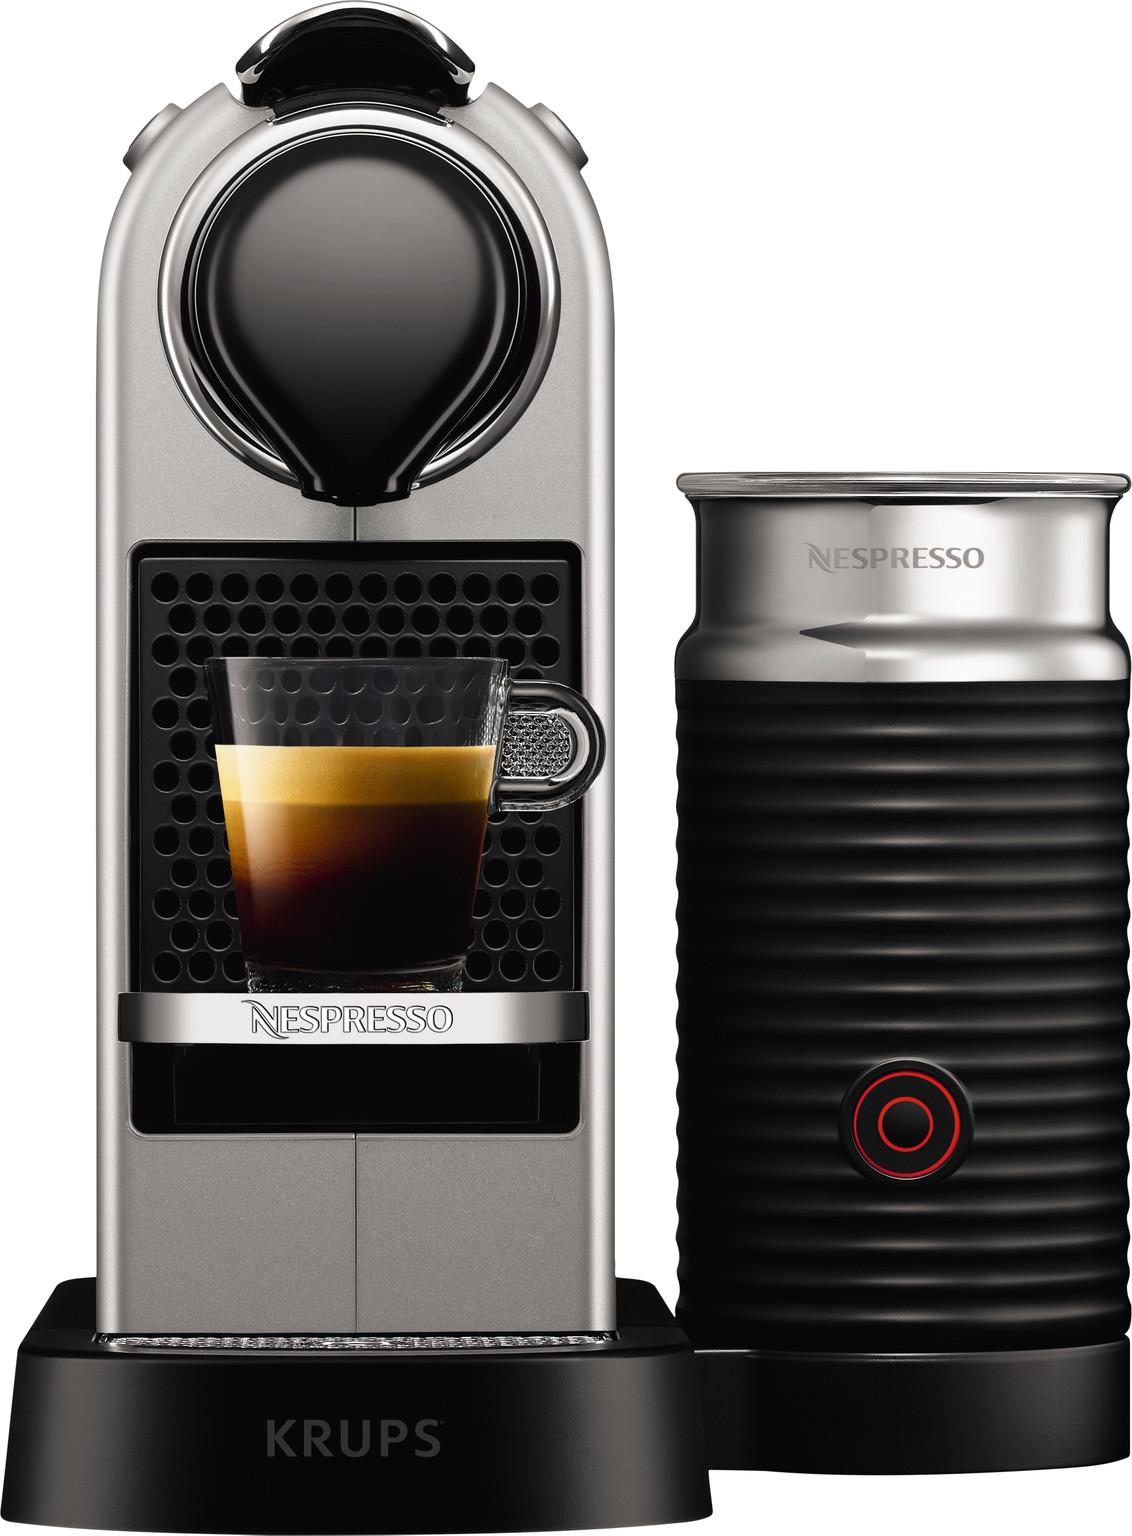 Krups Nespresso koffiezetapparaat